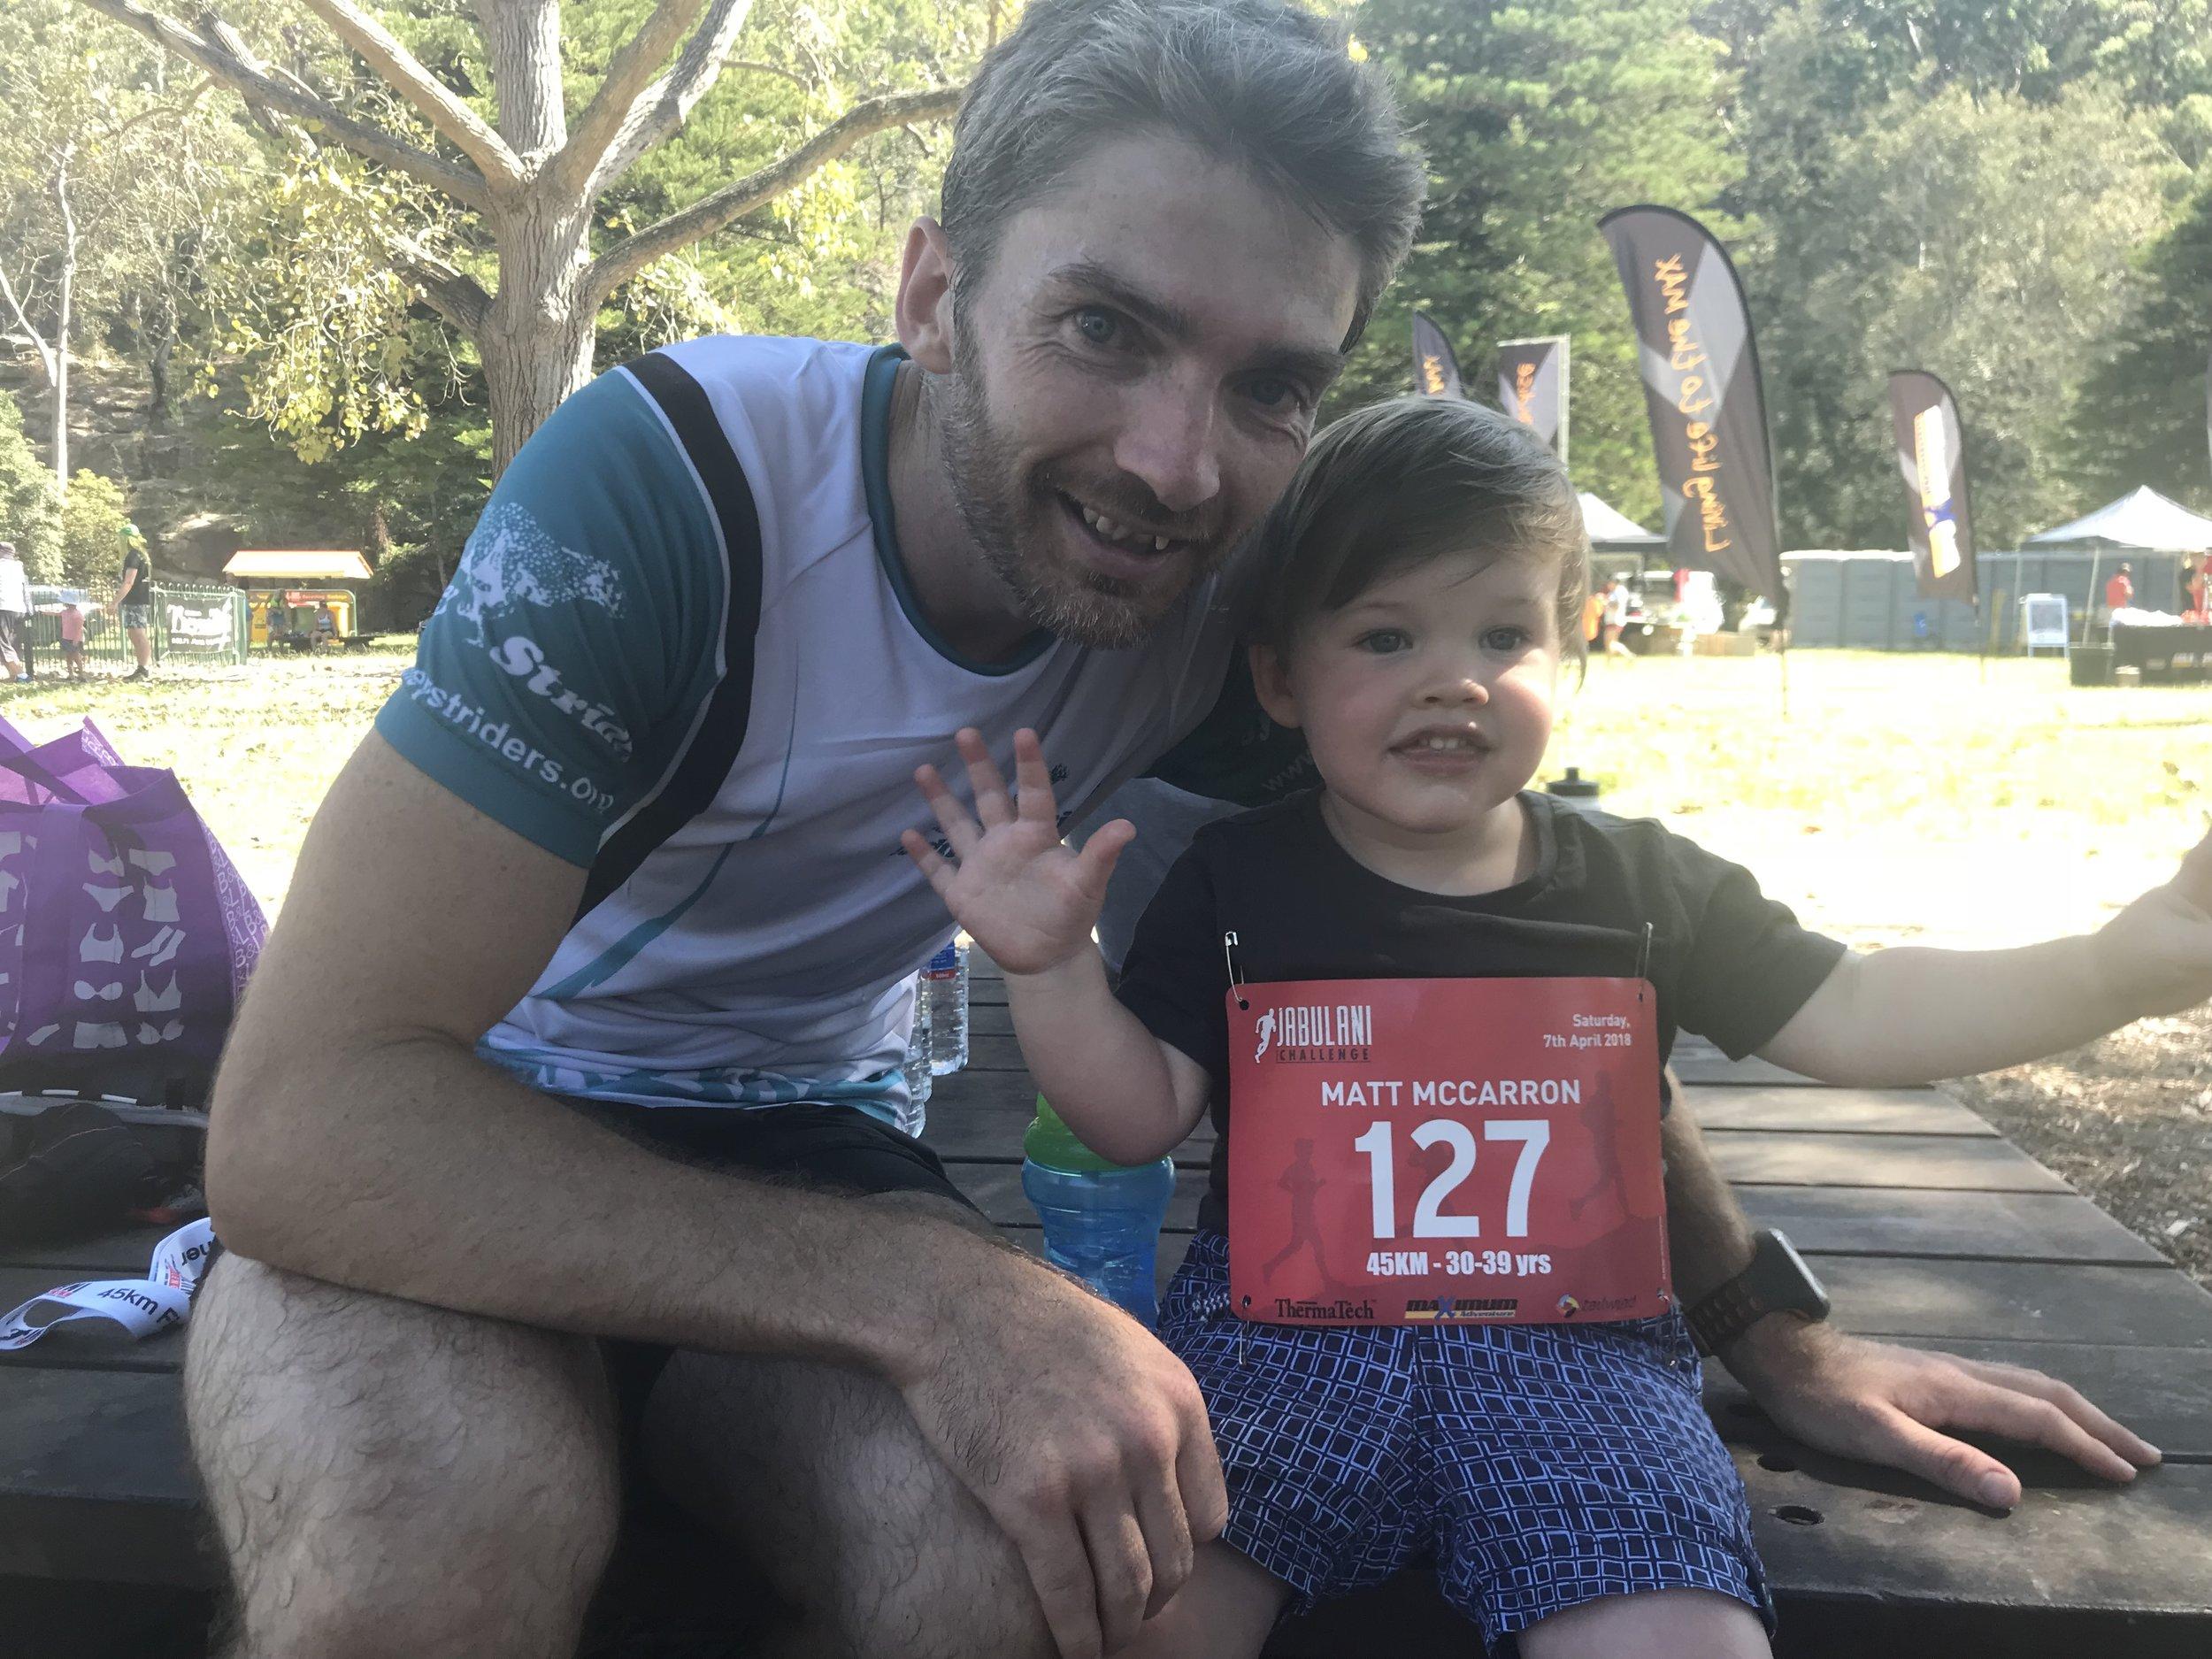 Matt McCarron | Pacing time 100min